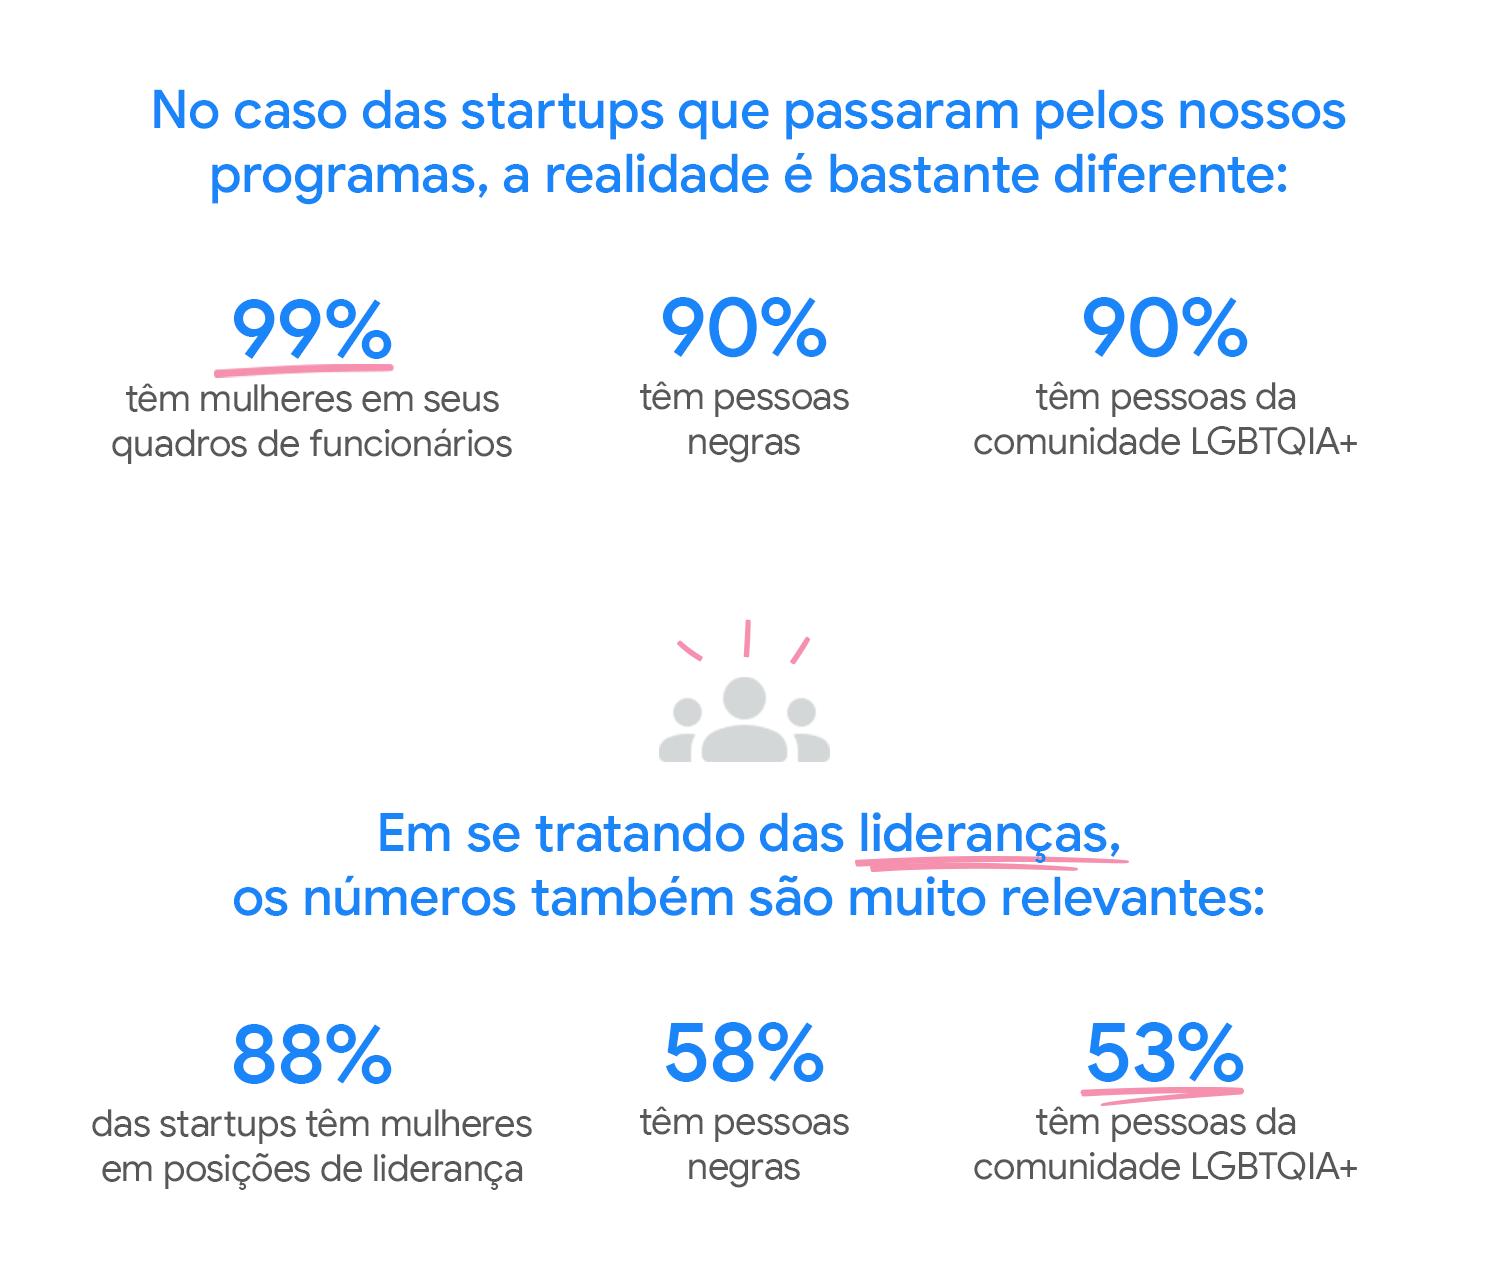 Dados de diversidade de startups que fazem parte da rede do Google for Startups.